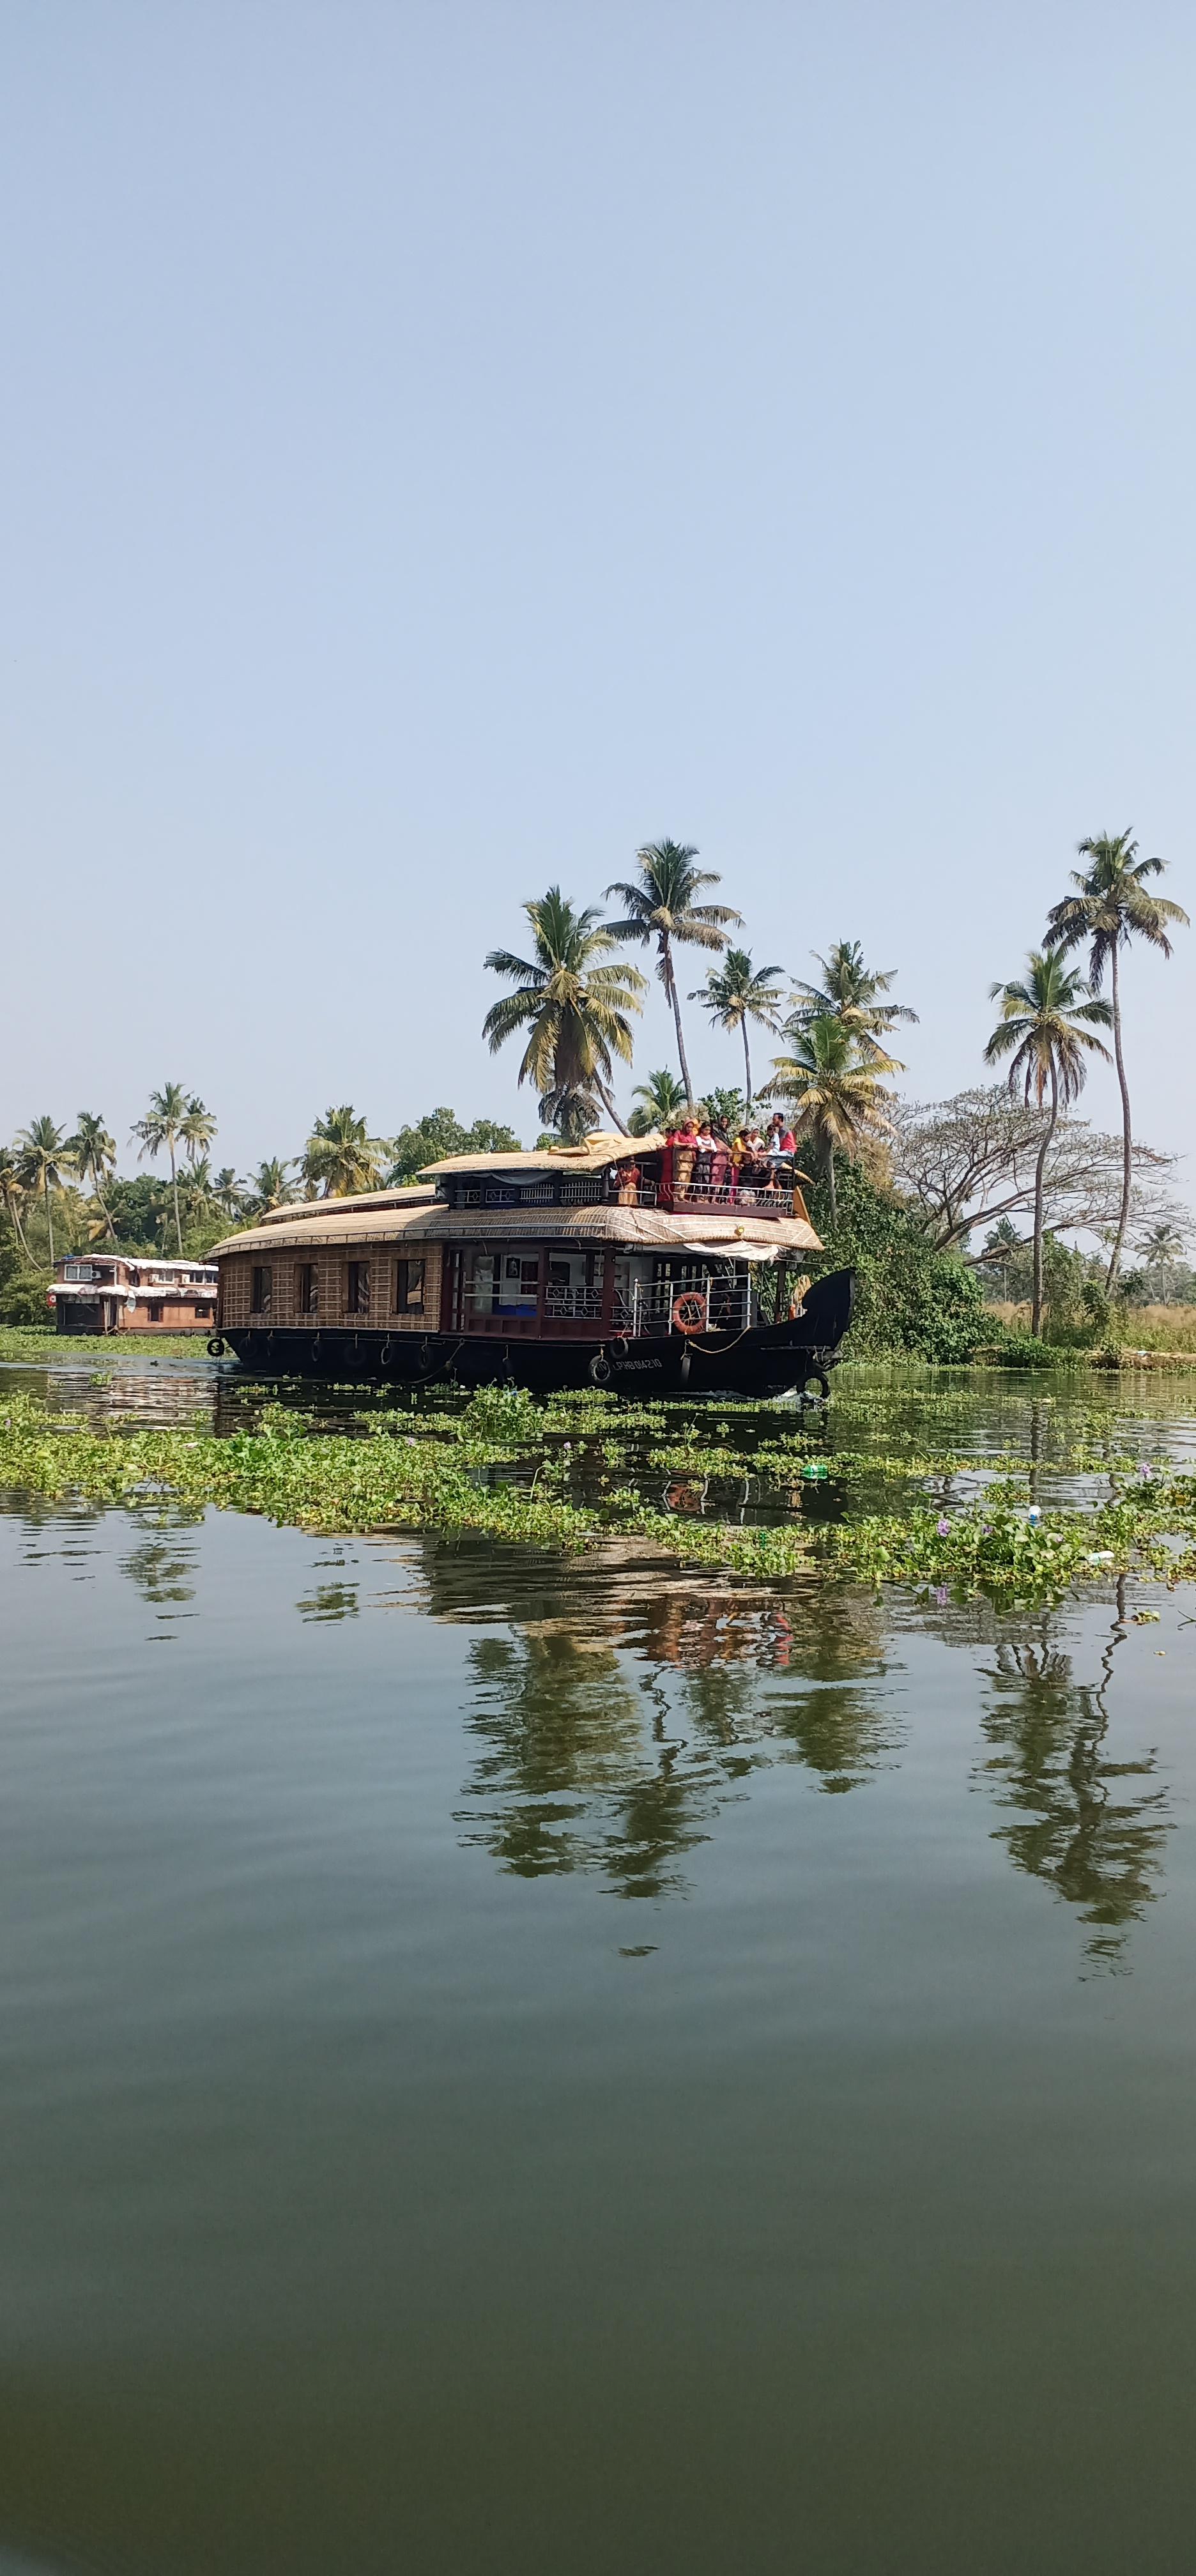 Alleppy_Backwaters_Kerala_5